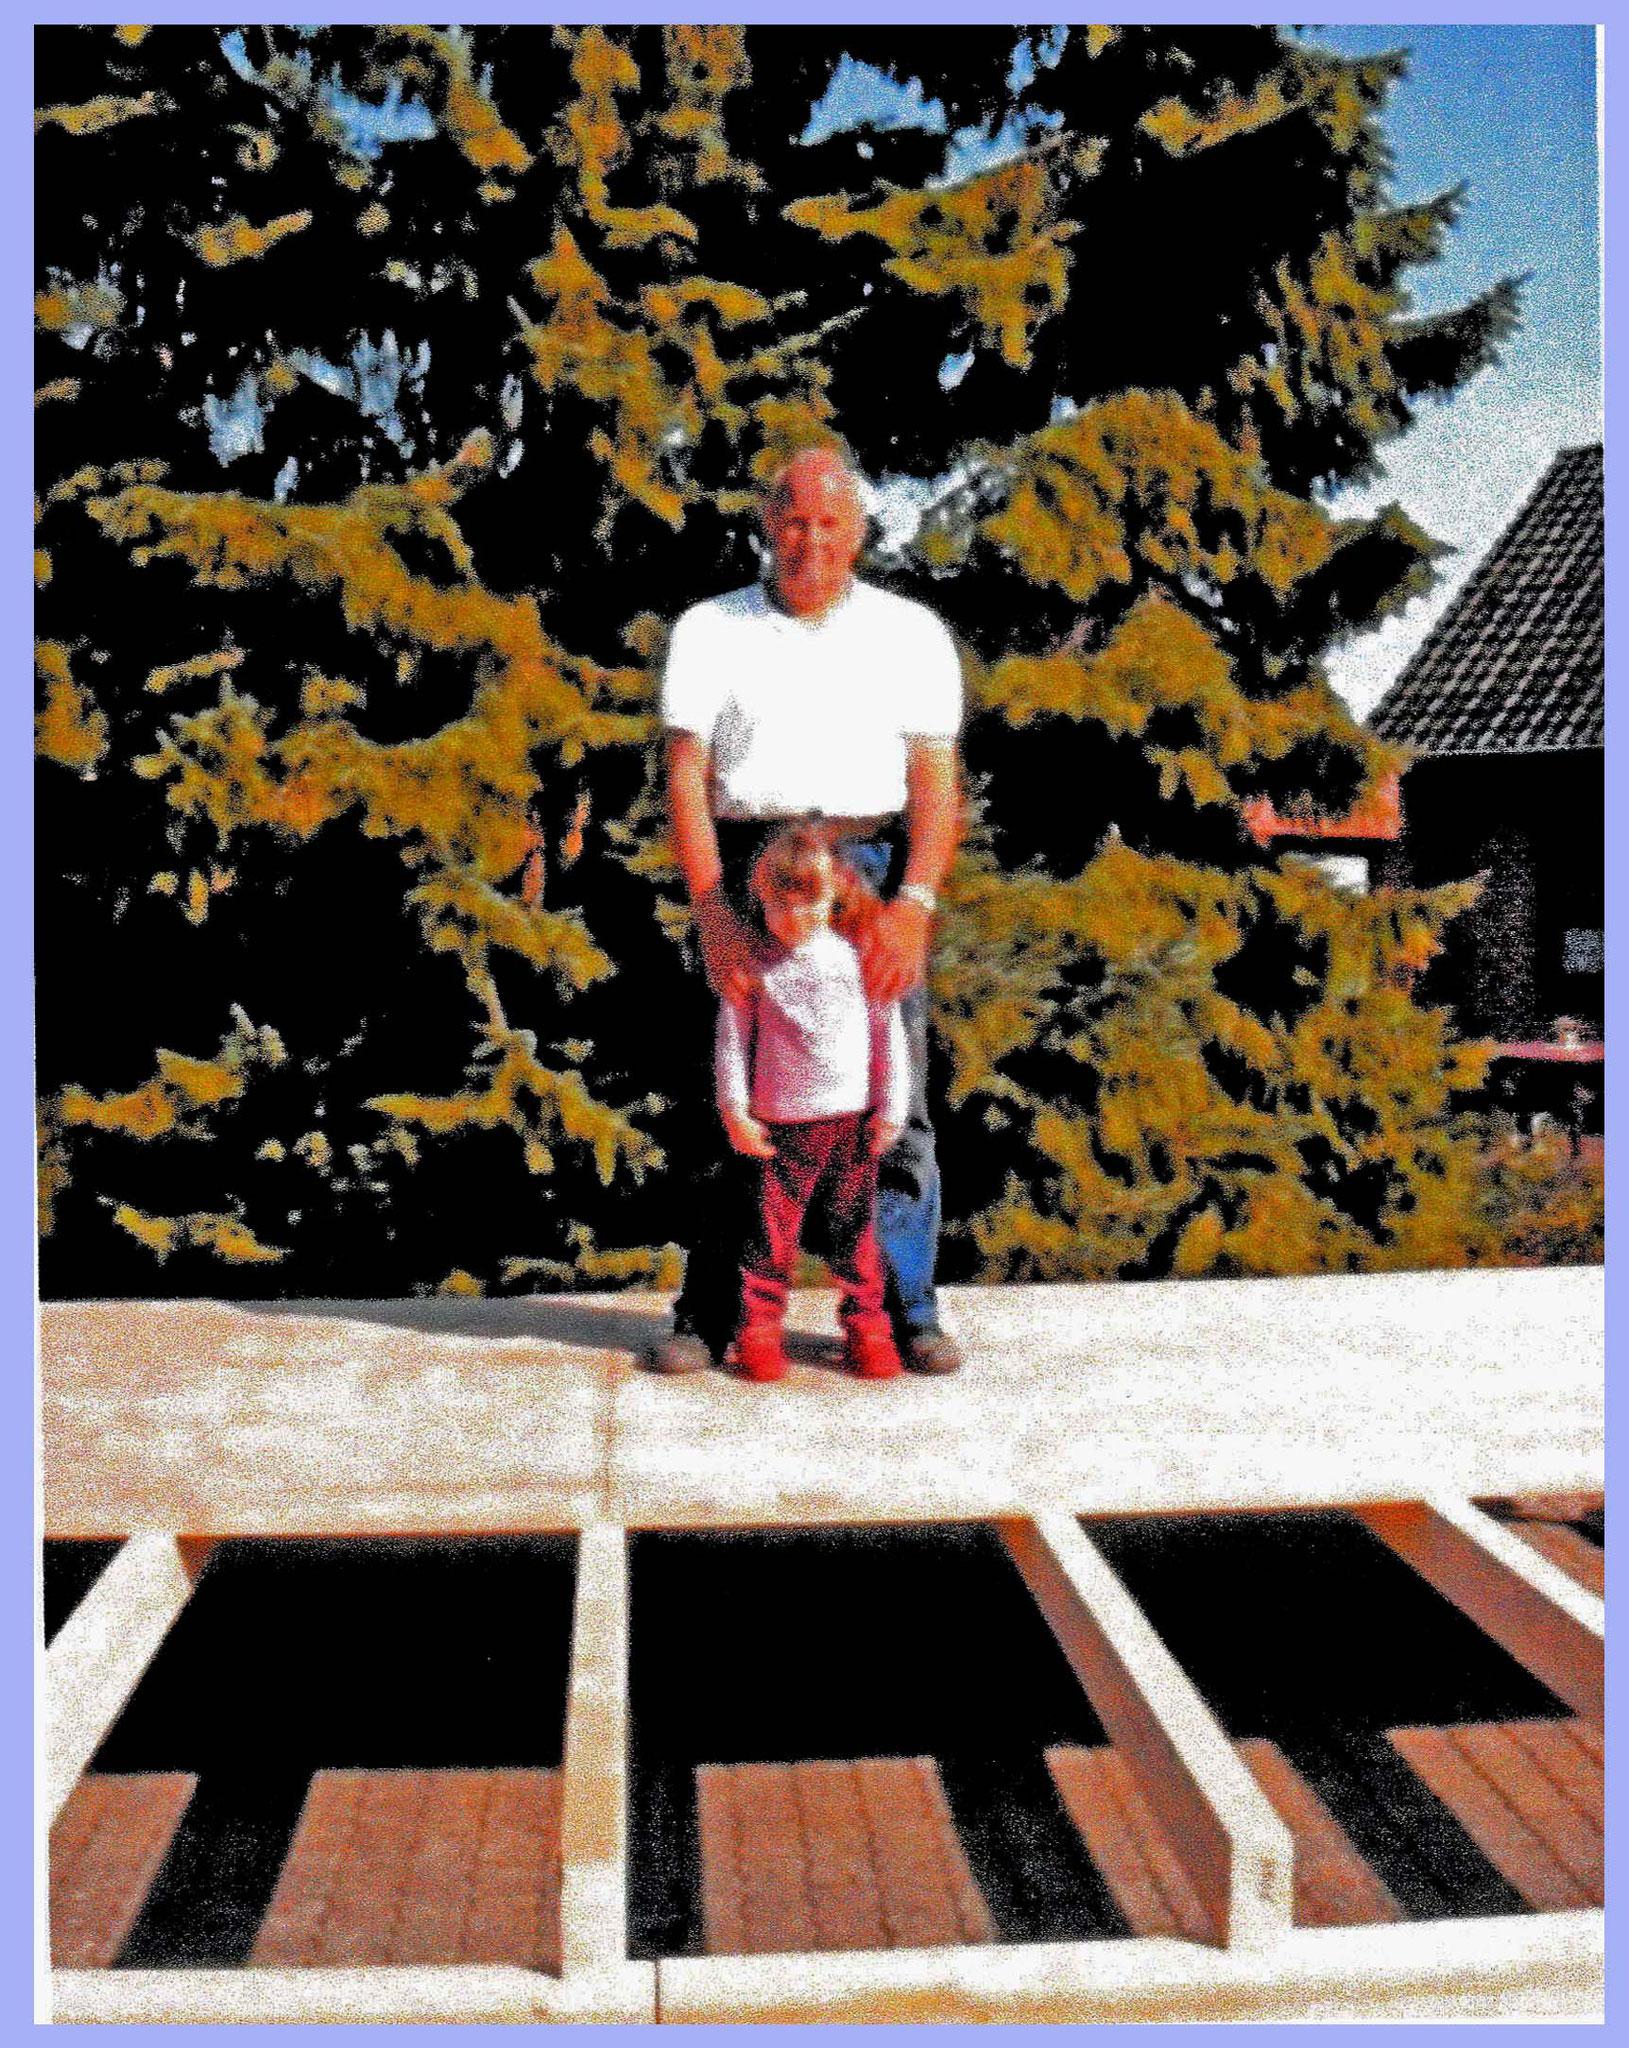 Bühnenbaubeginn 2010, Reimer mit Enkelin Caniscia